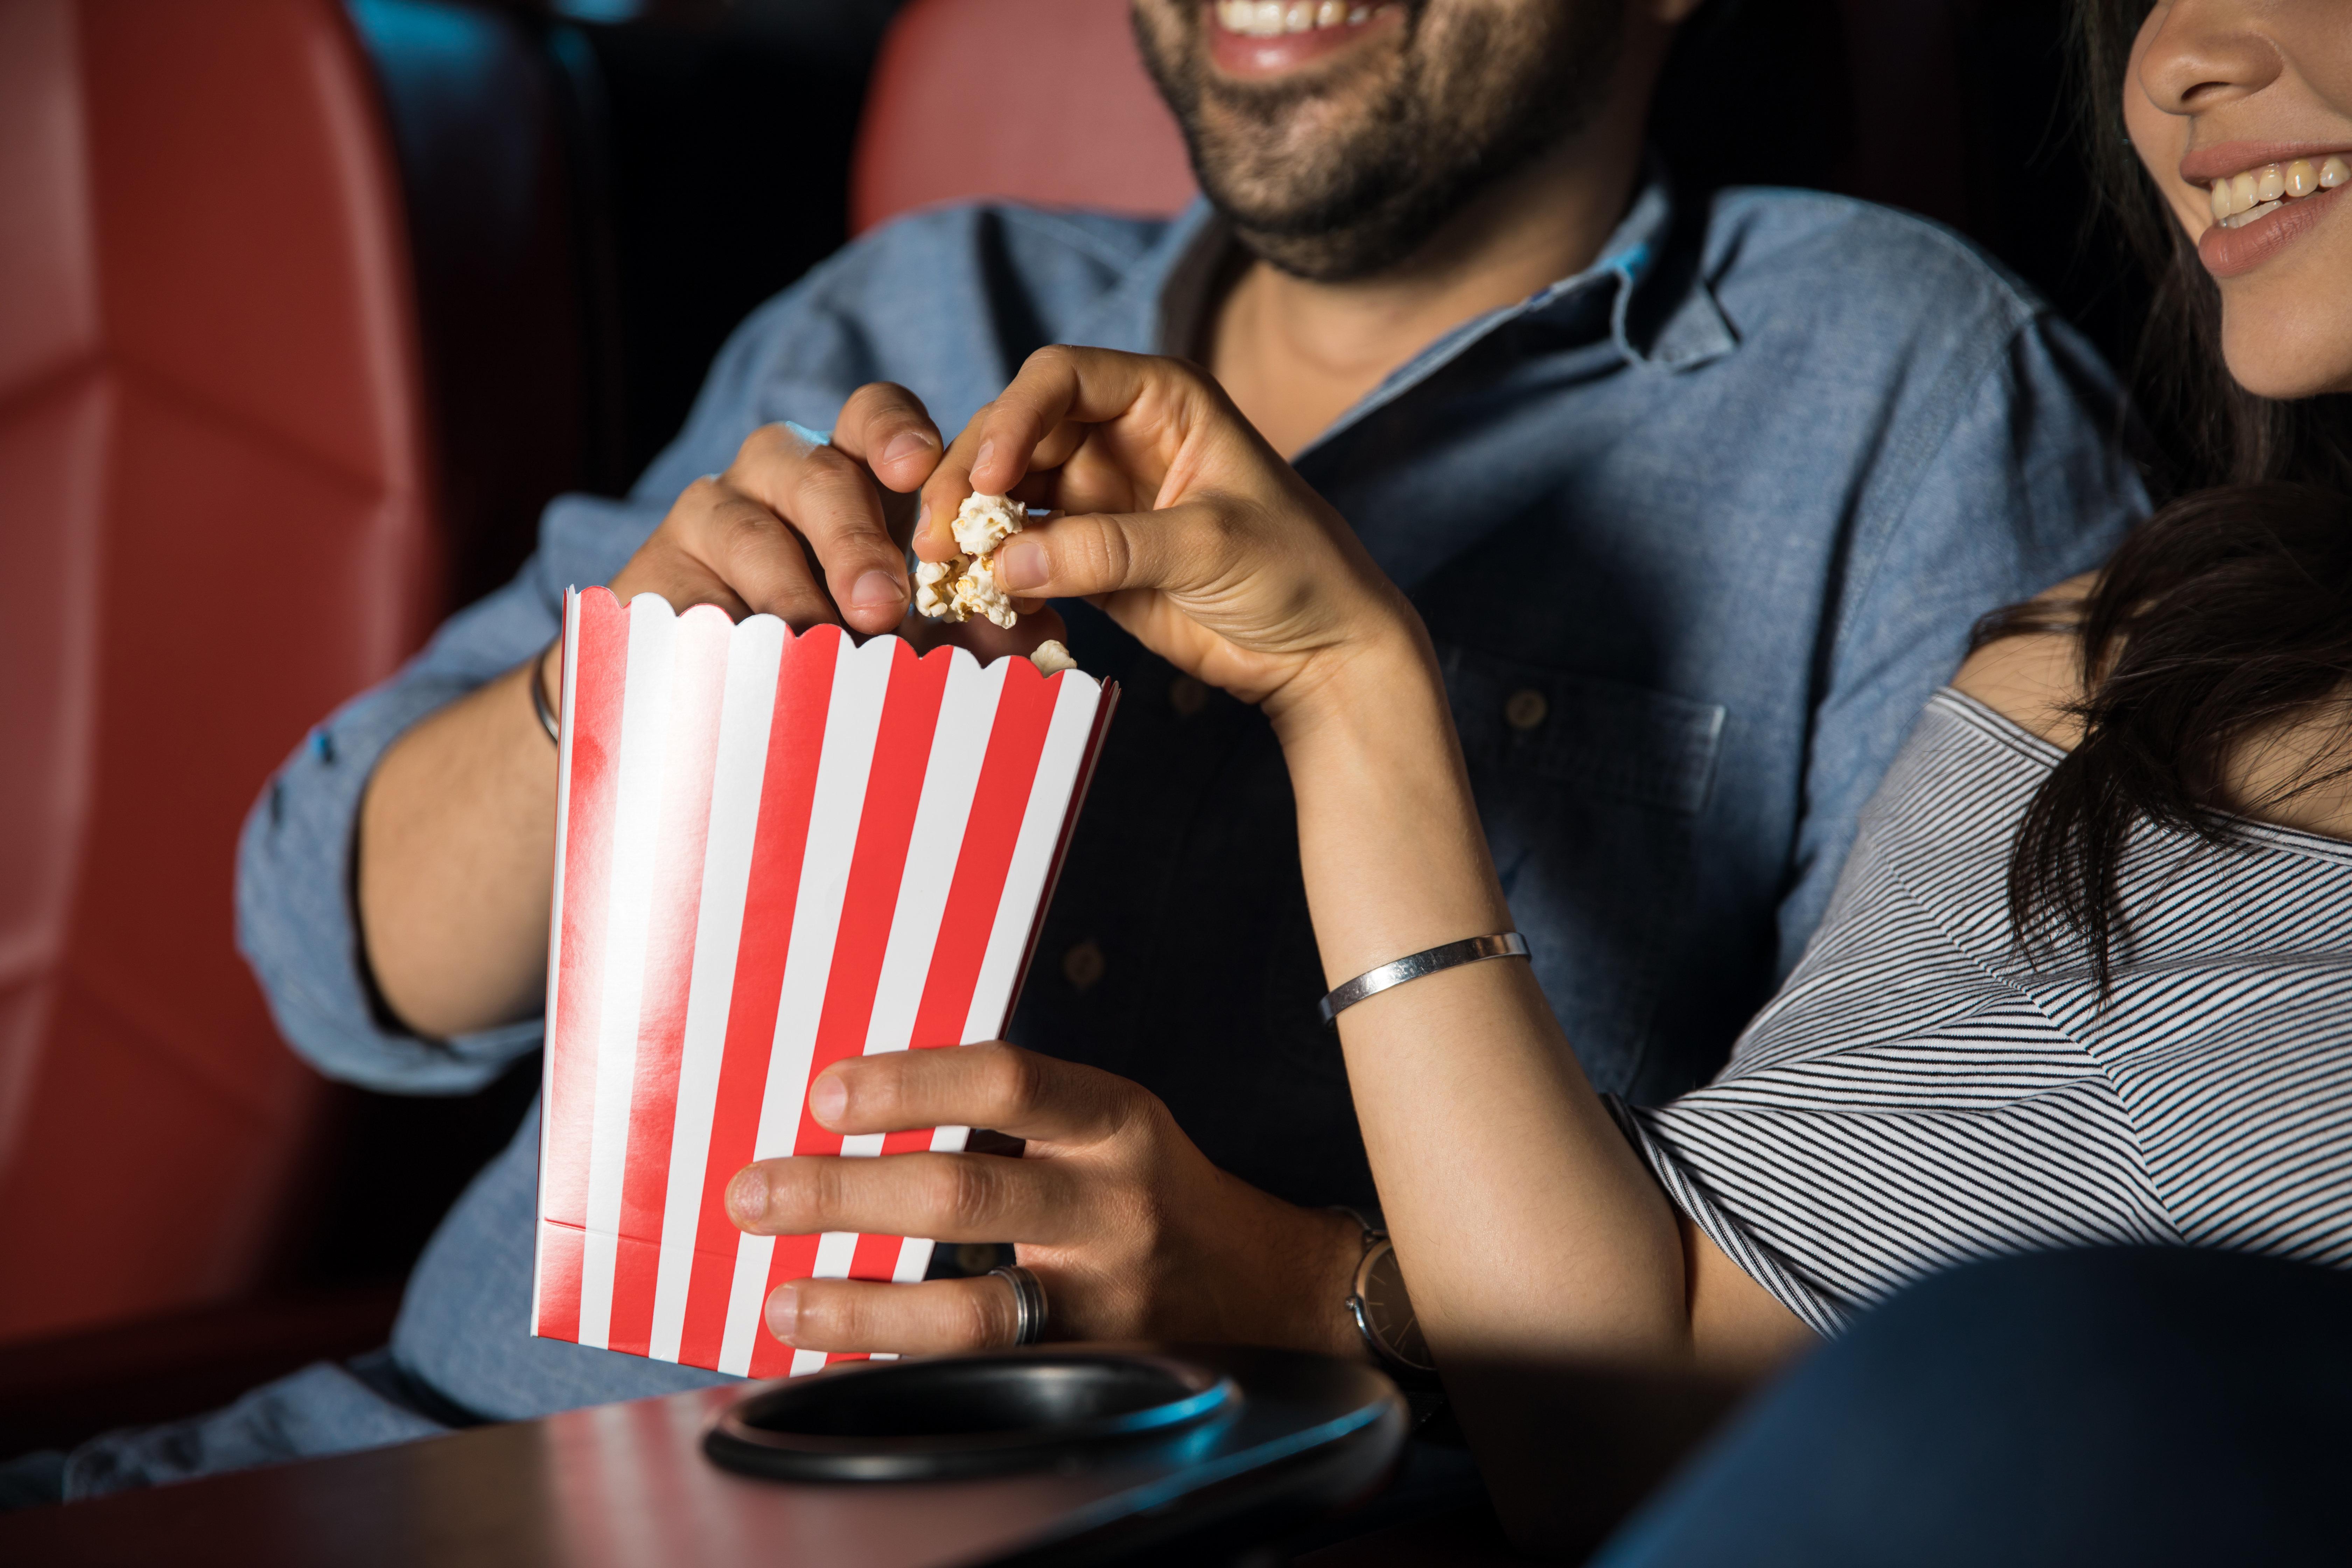 Mann stellt Regeln auf, wie sich seine Freundin im Kino verhalten soll –jetzt feiern ihn tausende